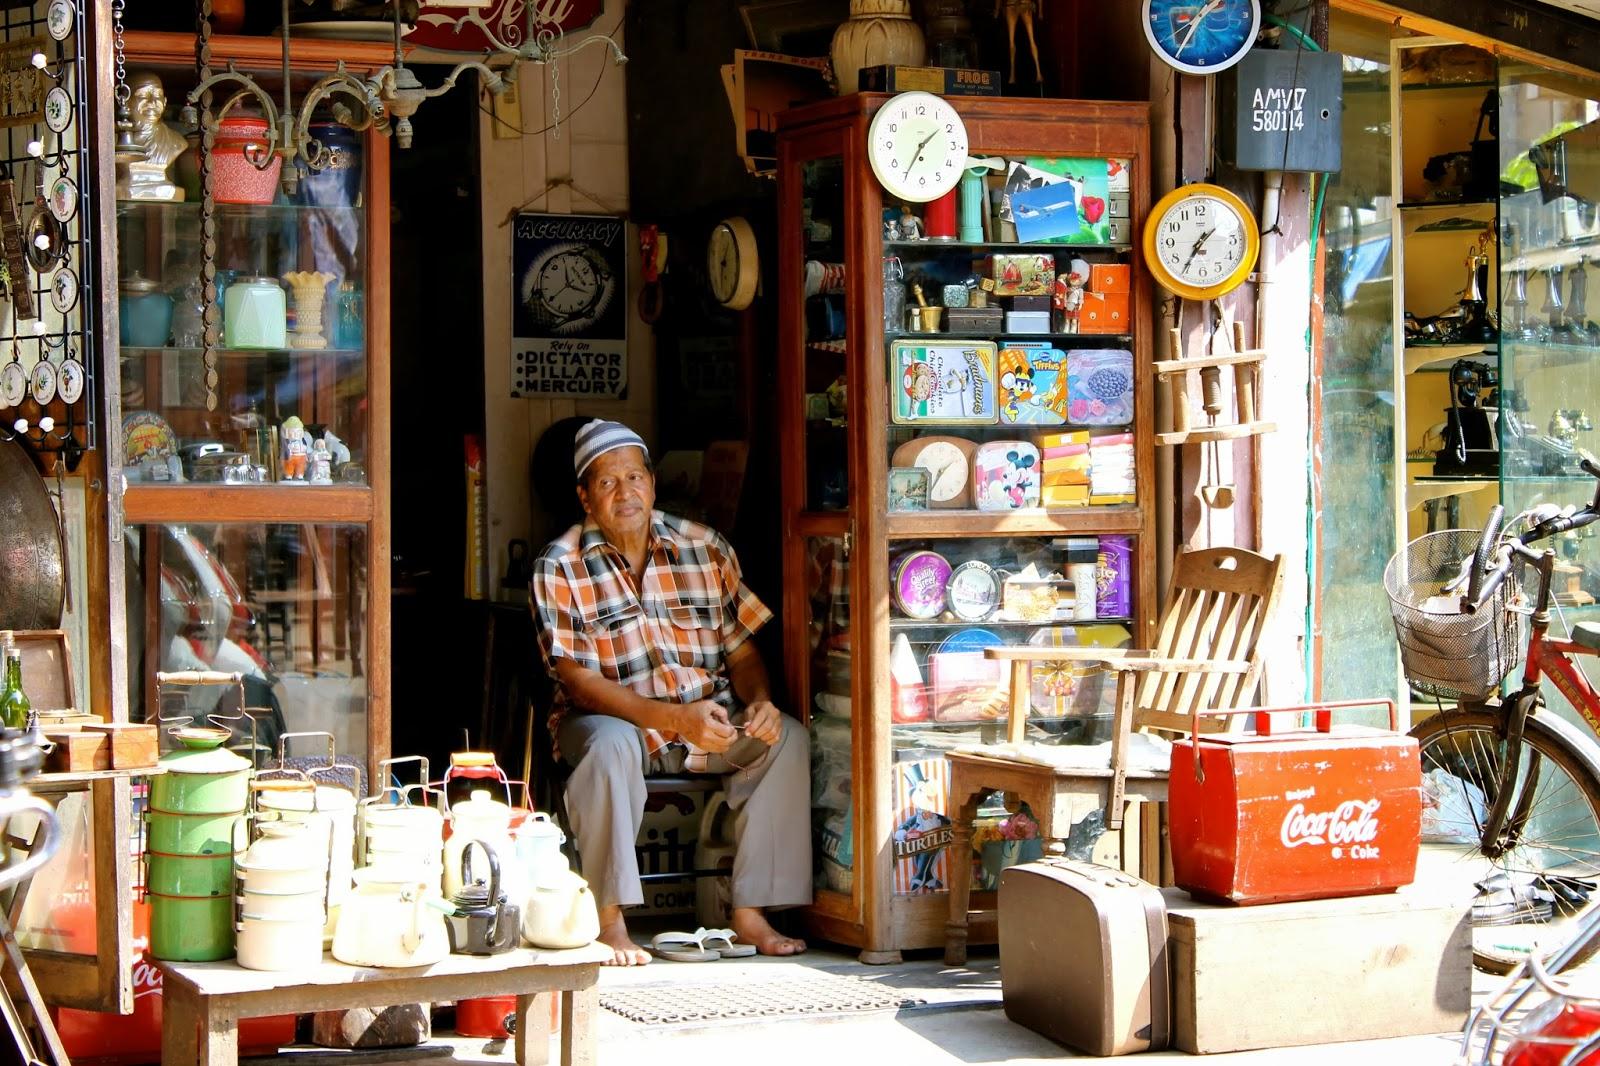 chor bazaar - photo #26